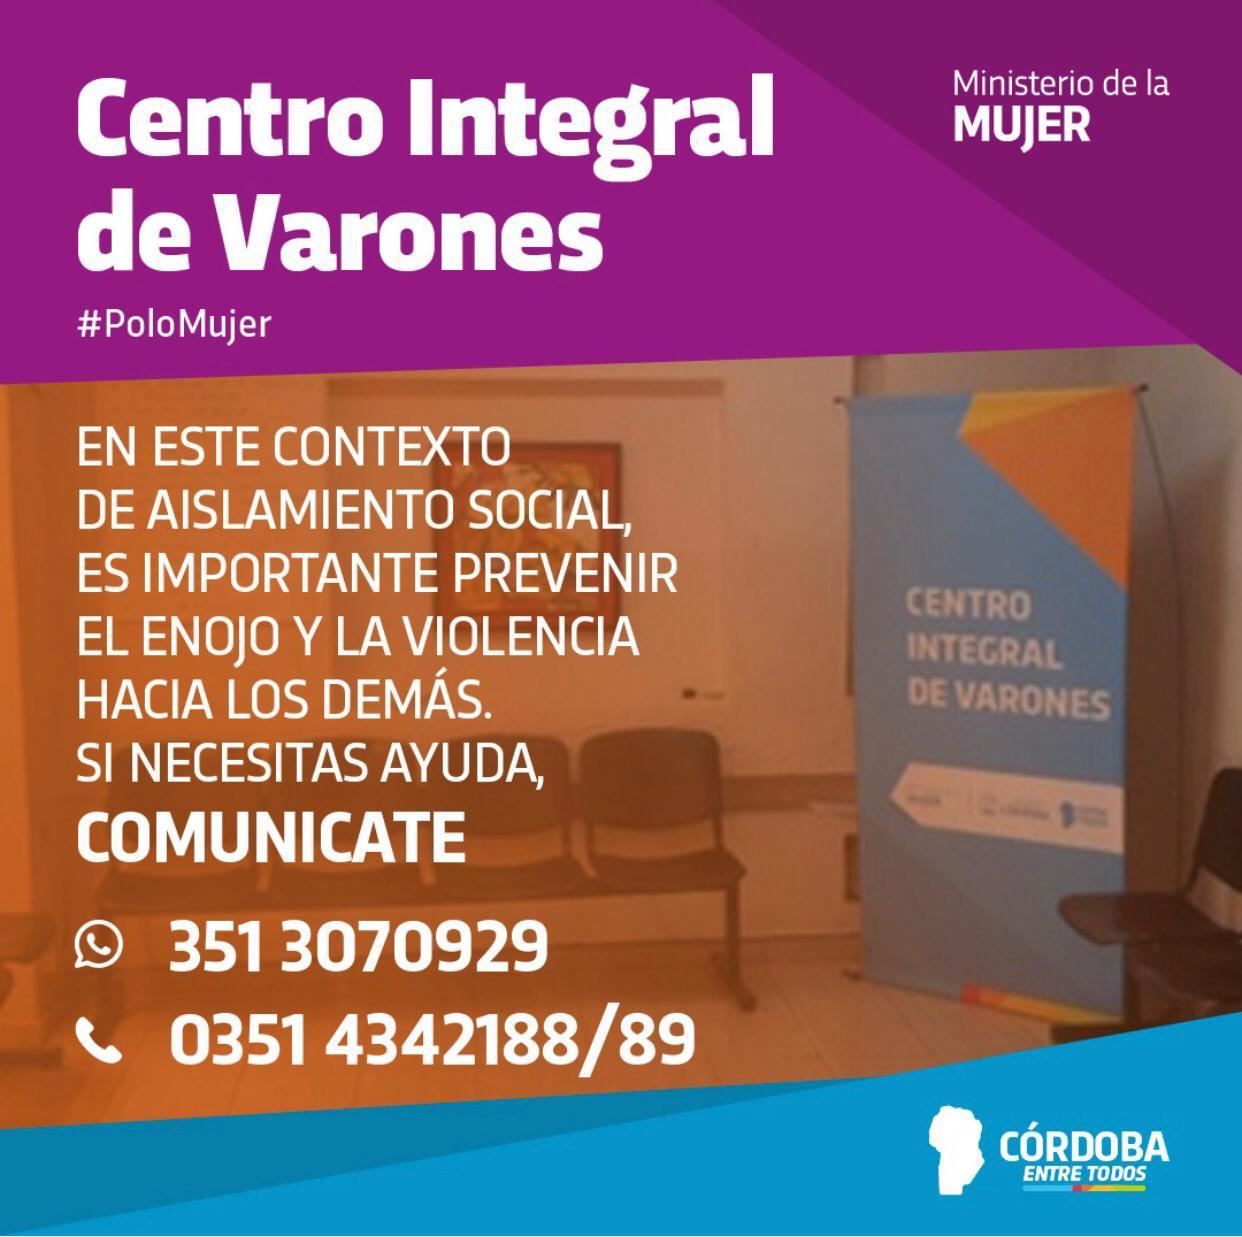 Centro Integral de Varones